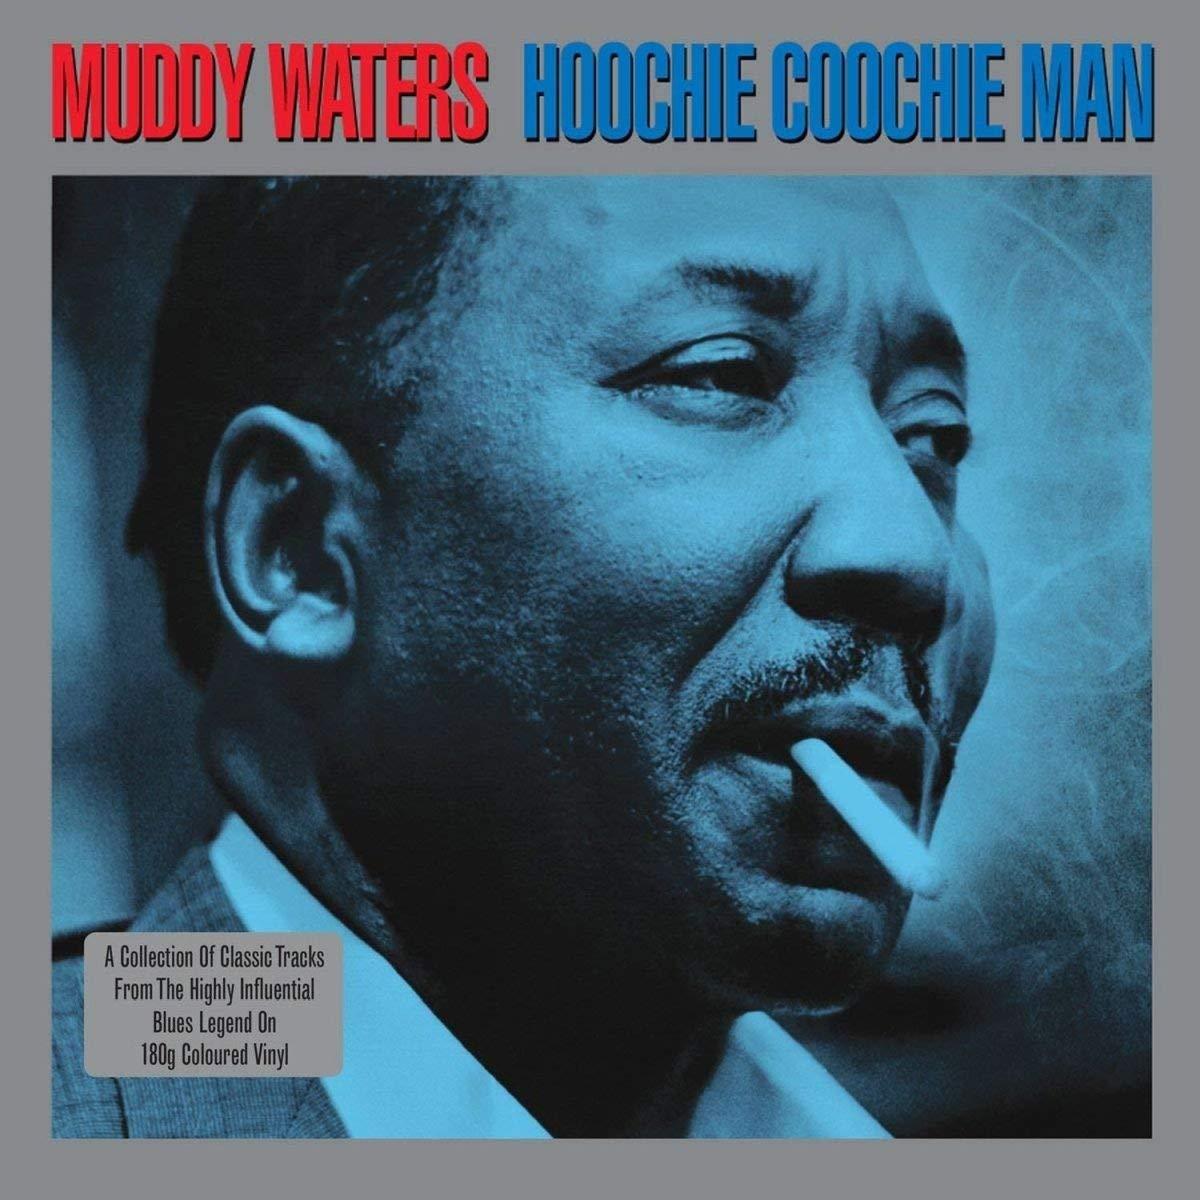 Hoochie Coochie Man (2LP Gatefold 180g Vinyl) - Muddy Waters